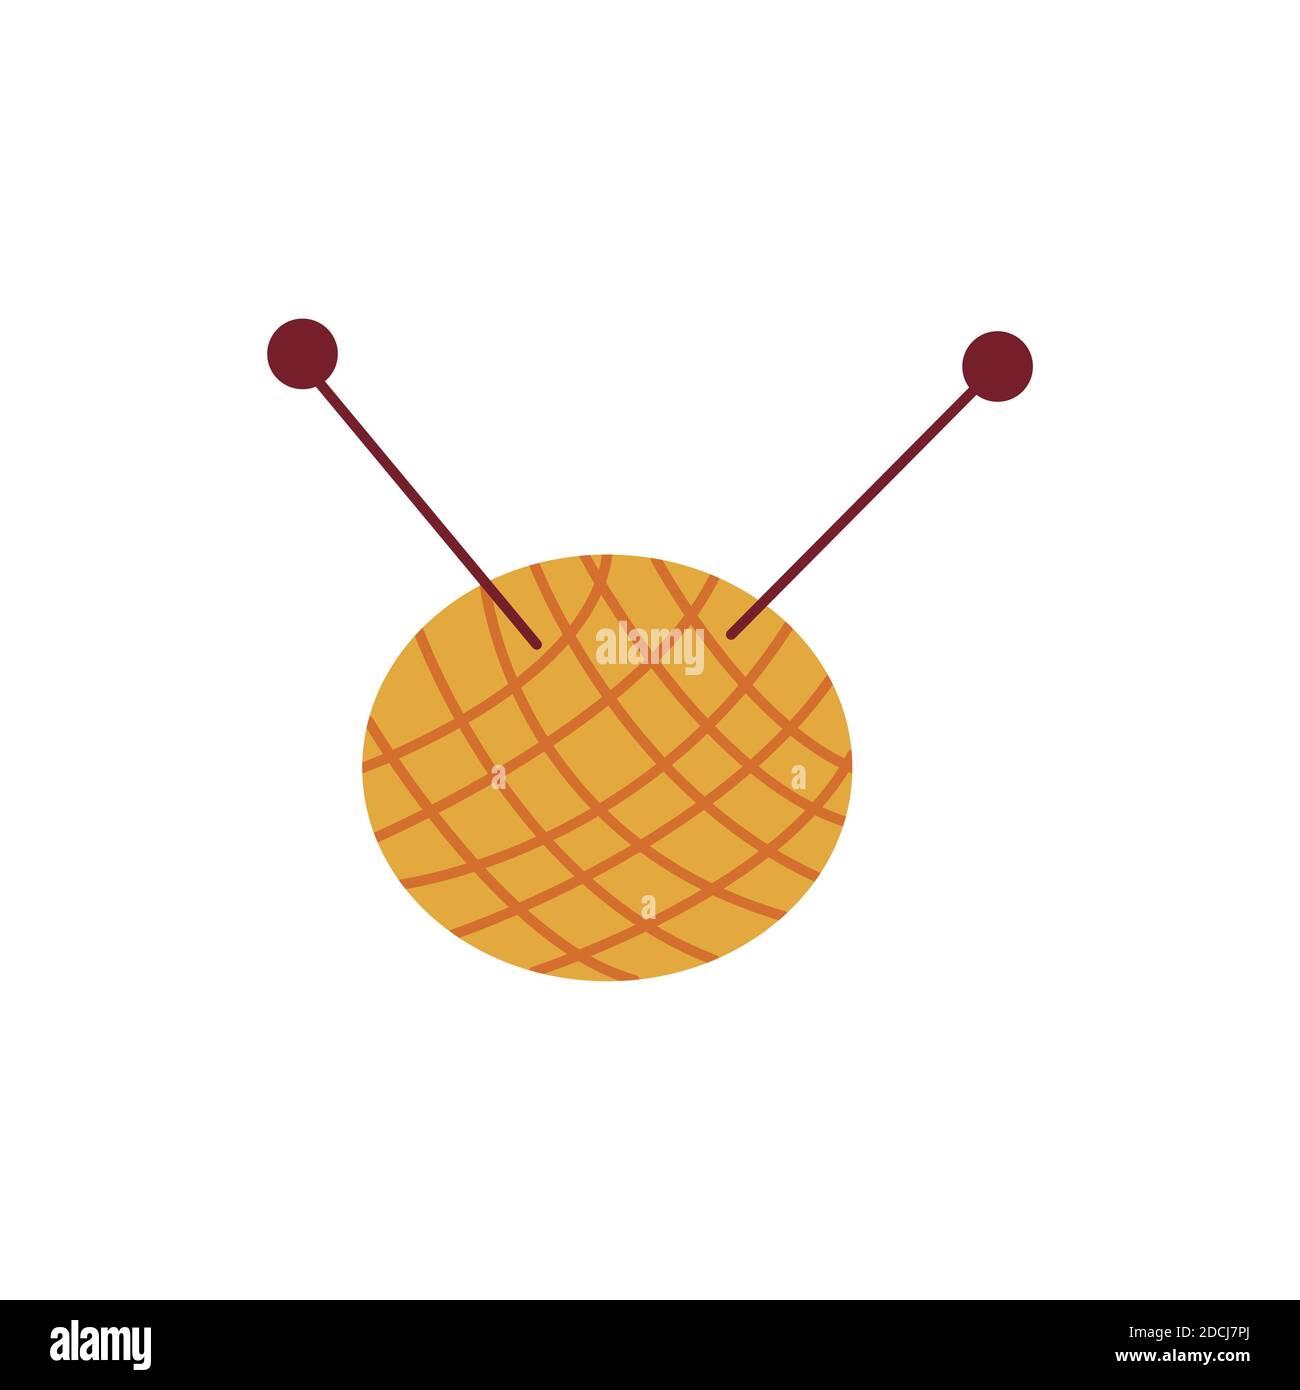 Boule de fil. Tricoter les filets et les aiguilles. Pelote ronde de fil. Laine ou coton. Illustration vectorielle isolée colorée icône dessinée à la main Illustration de Vecteur